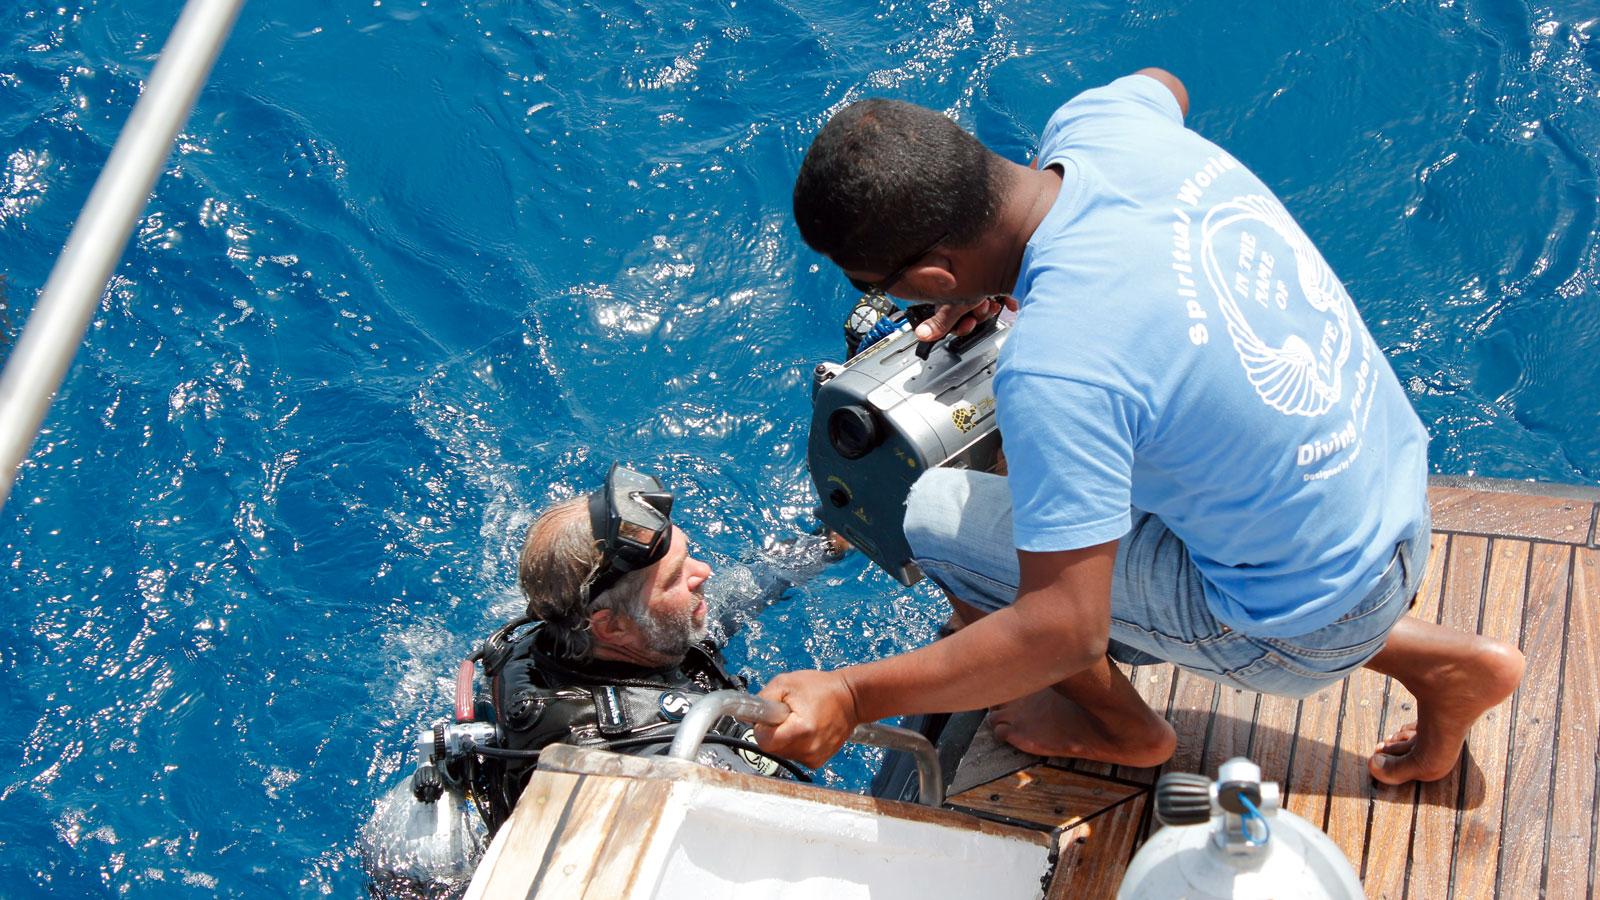 Dolphin Watch Natural Underwater Science unterstützt die Filmaufnahmen